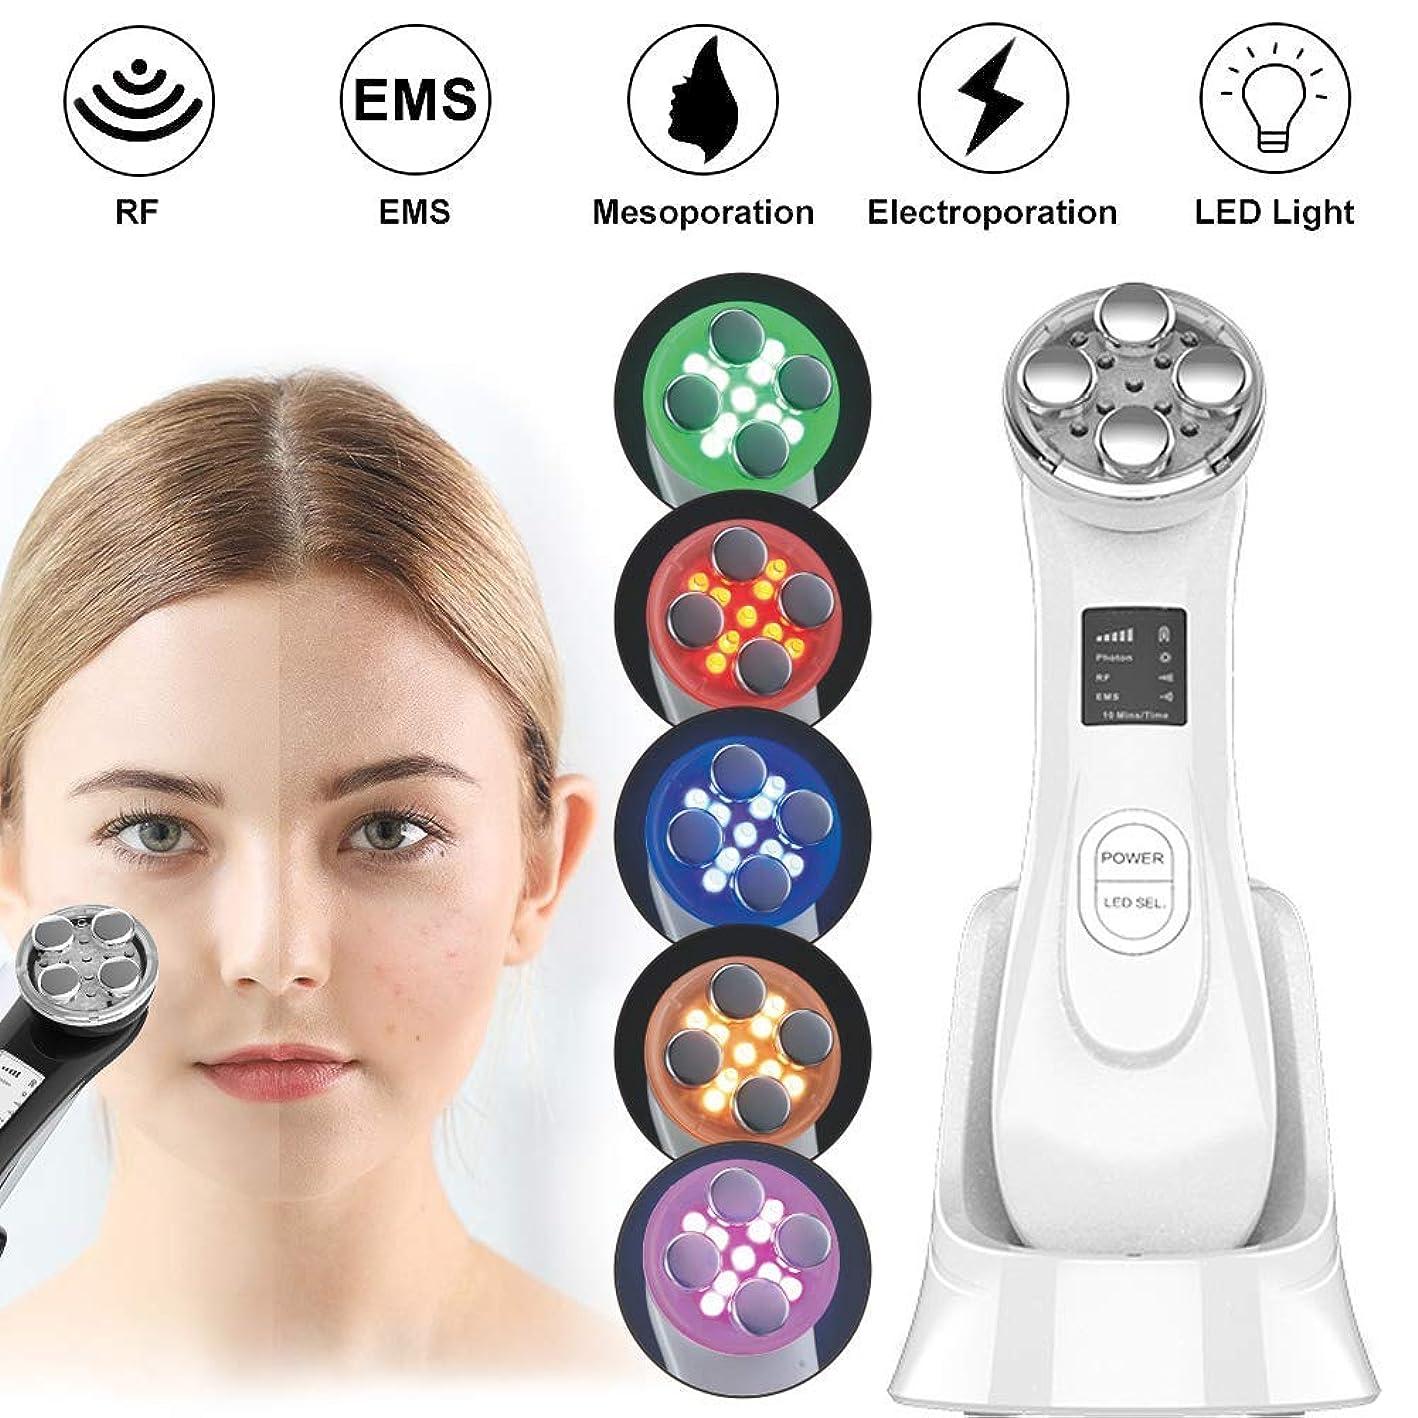 散文自分の骨美容機器、フェイシャルマシン、5-in-1赤色LED光線療法および6モードフェイシャルマッサージスキンケアフェイシャルクレンザーアンチエイジングシワ